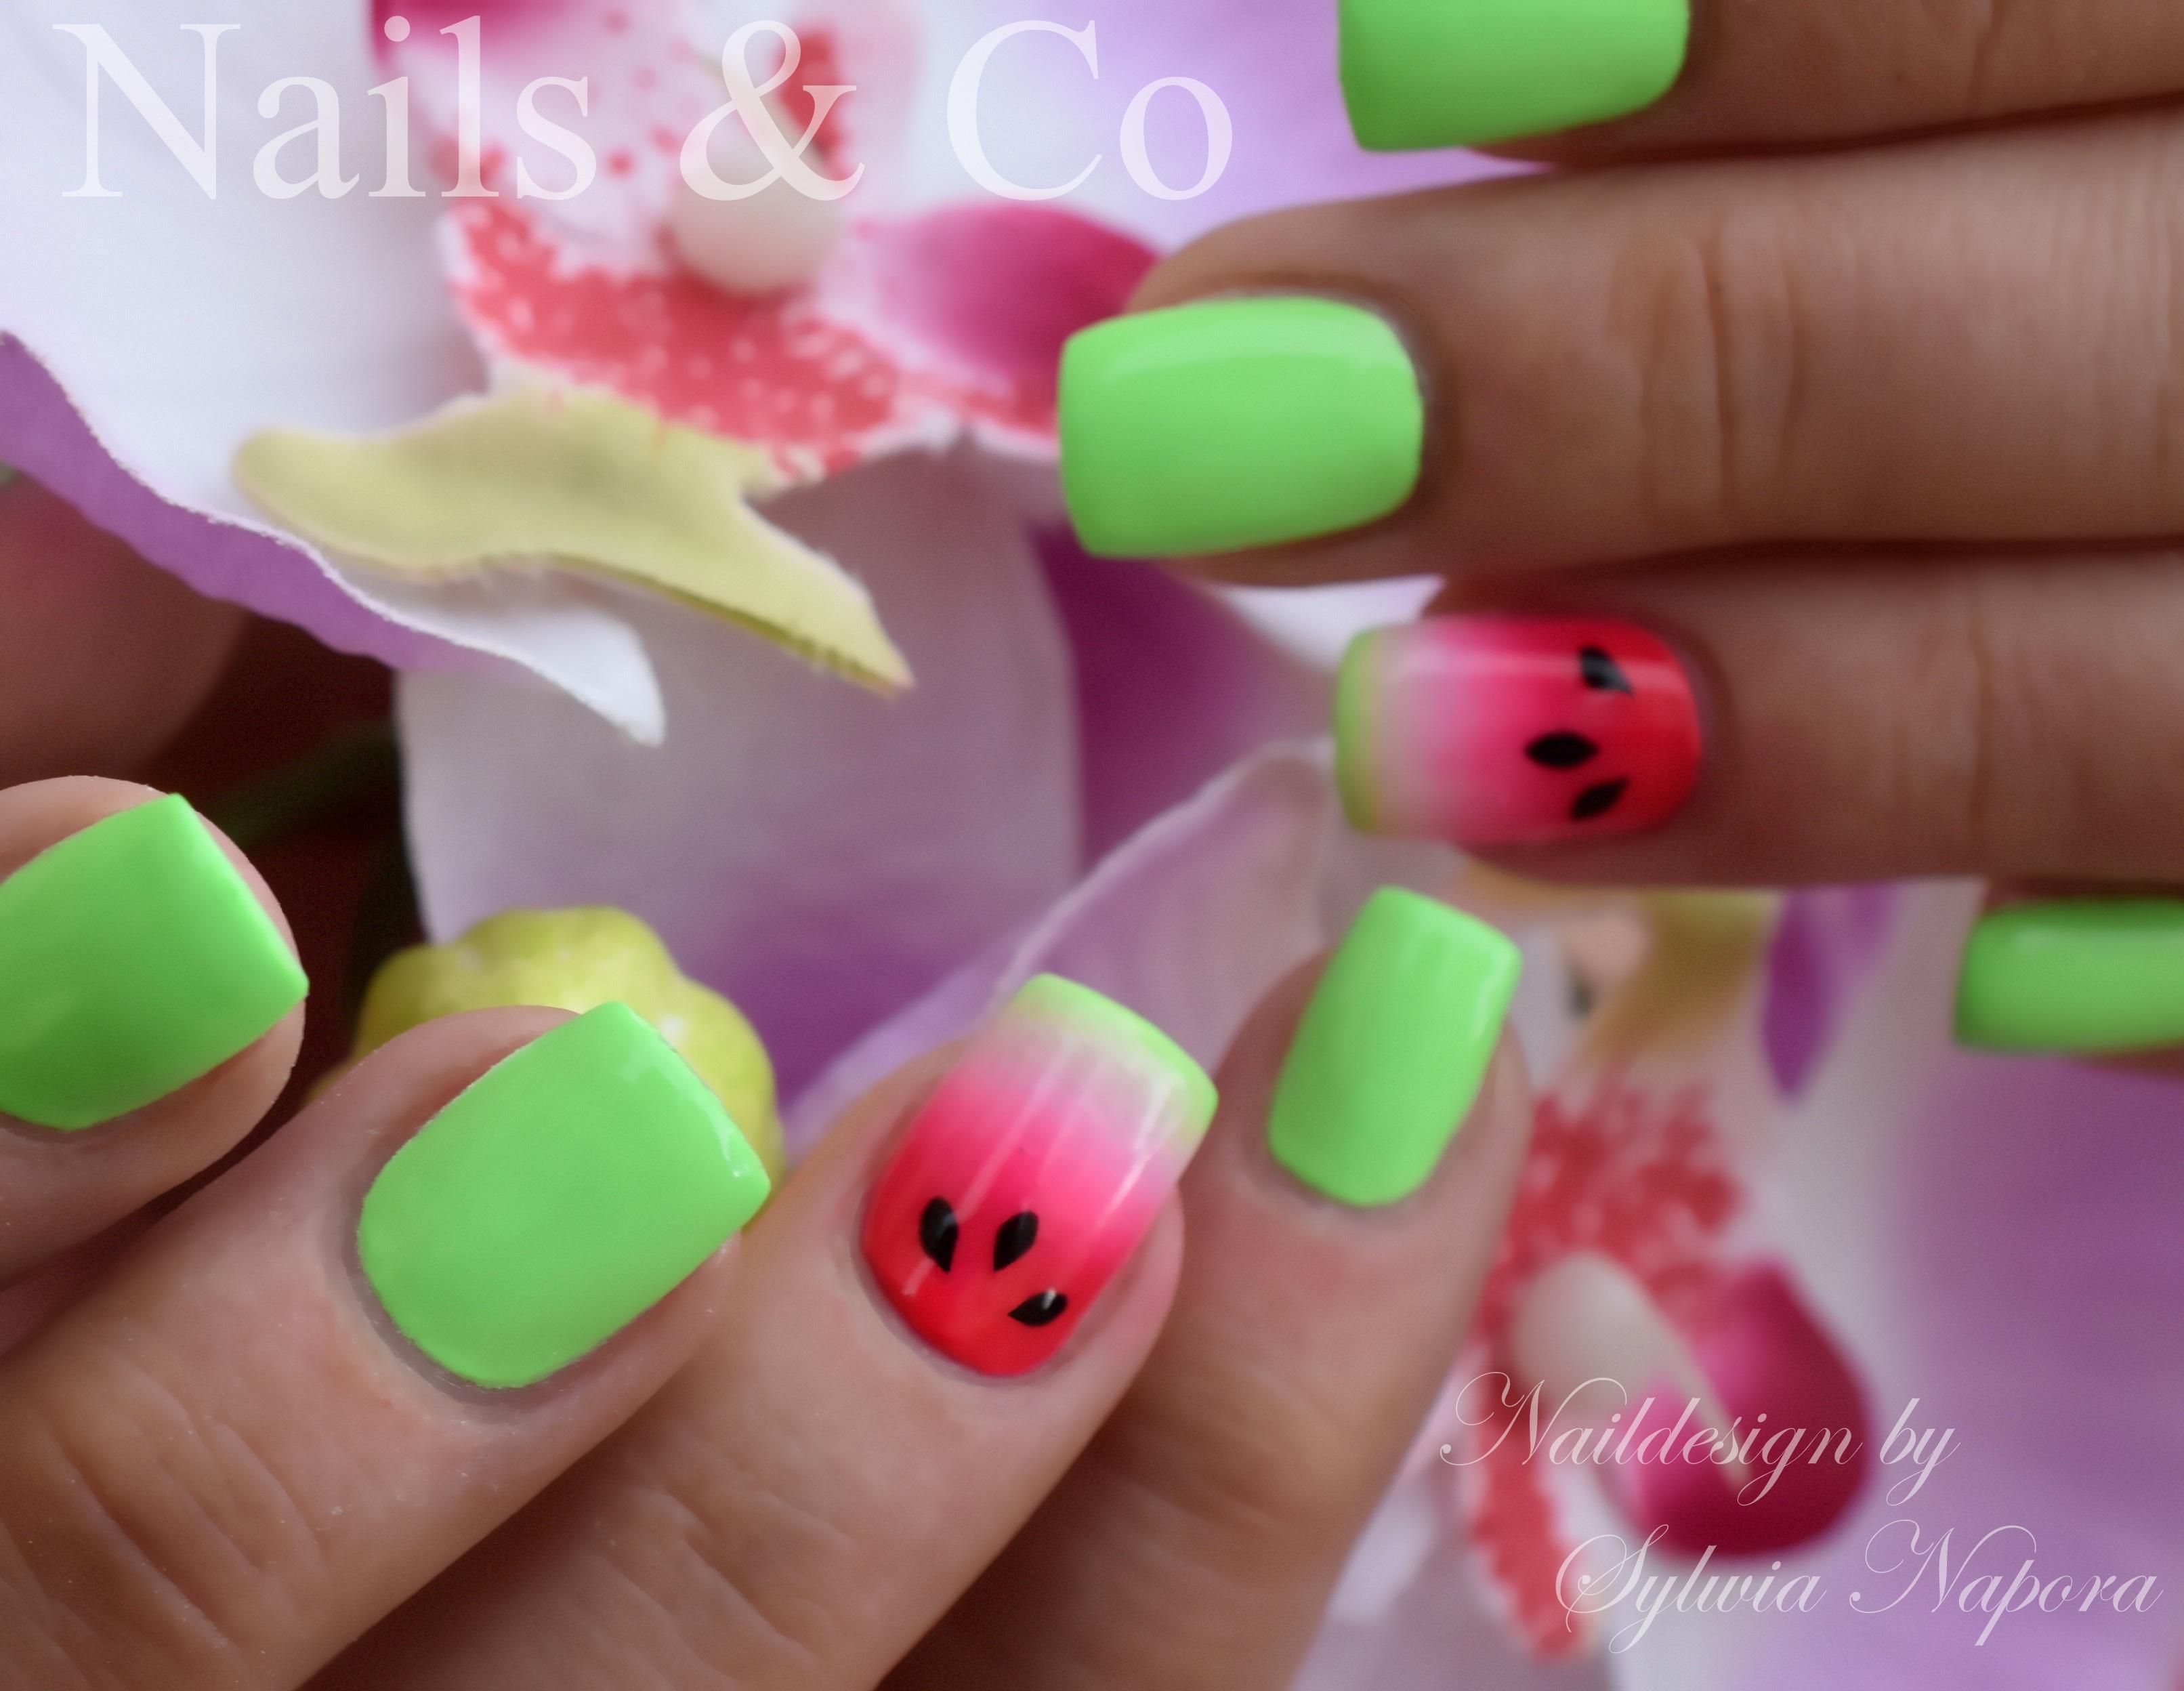 Handgemalt – Nail Art & Co